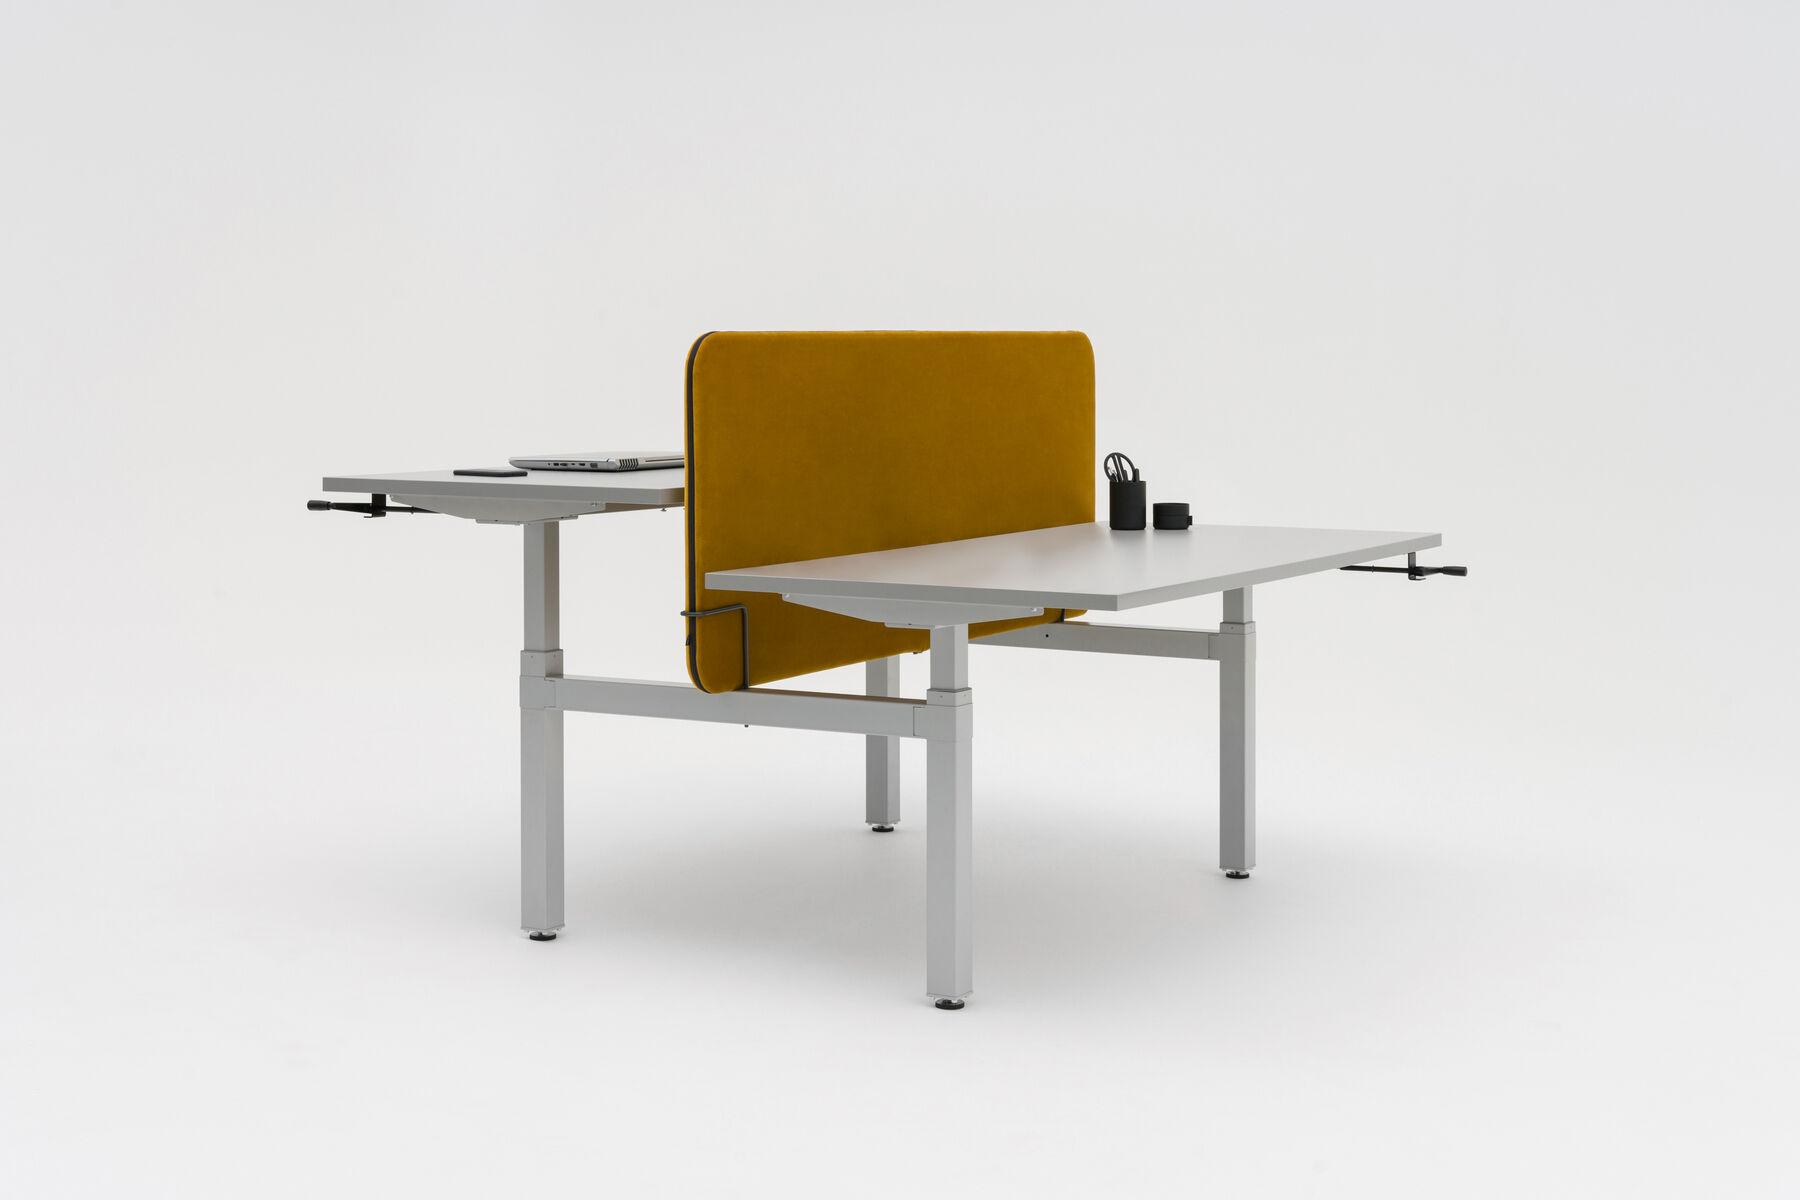 Ogi Drive bench - Manual height adjustment